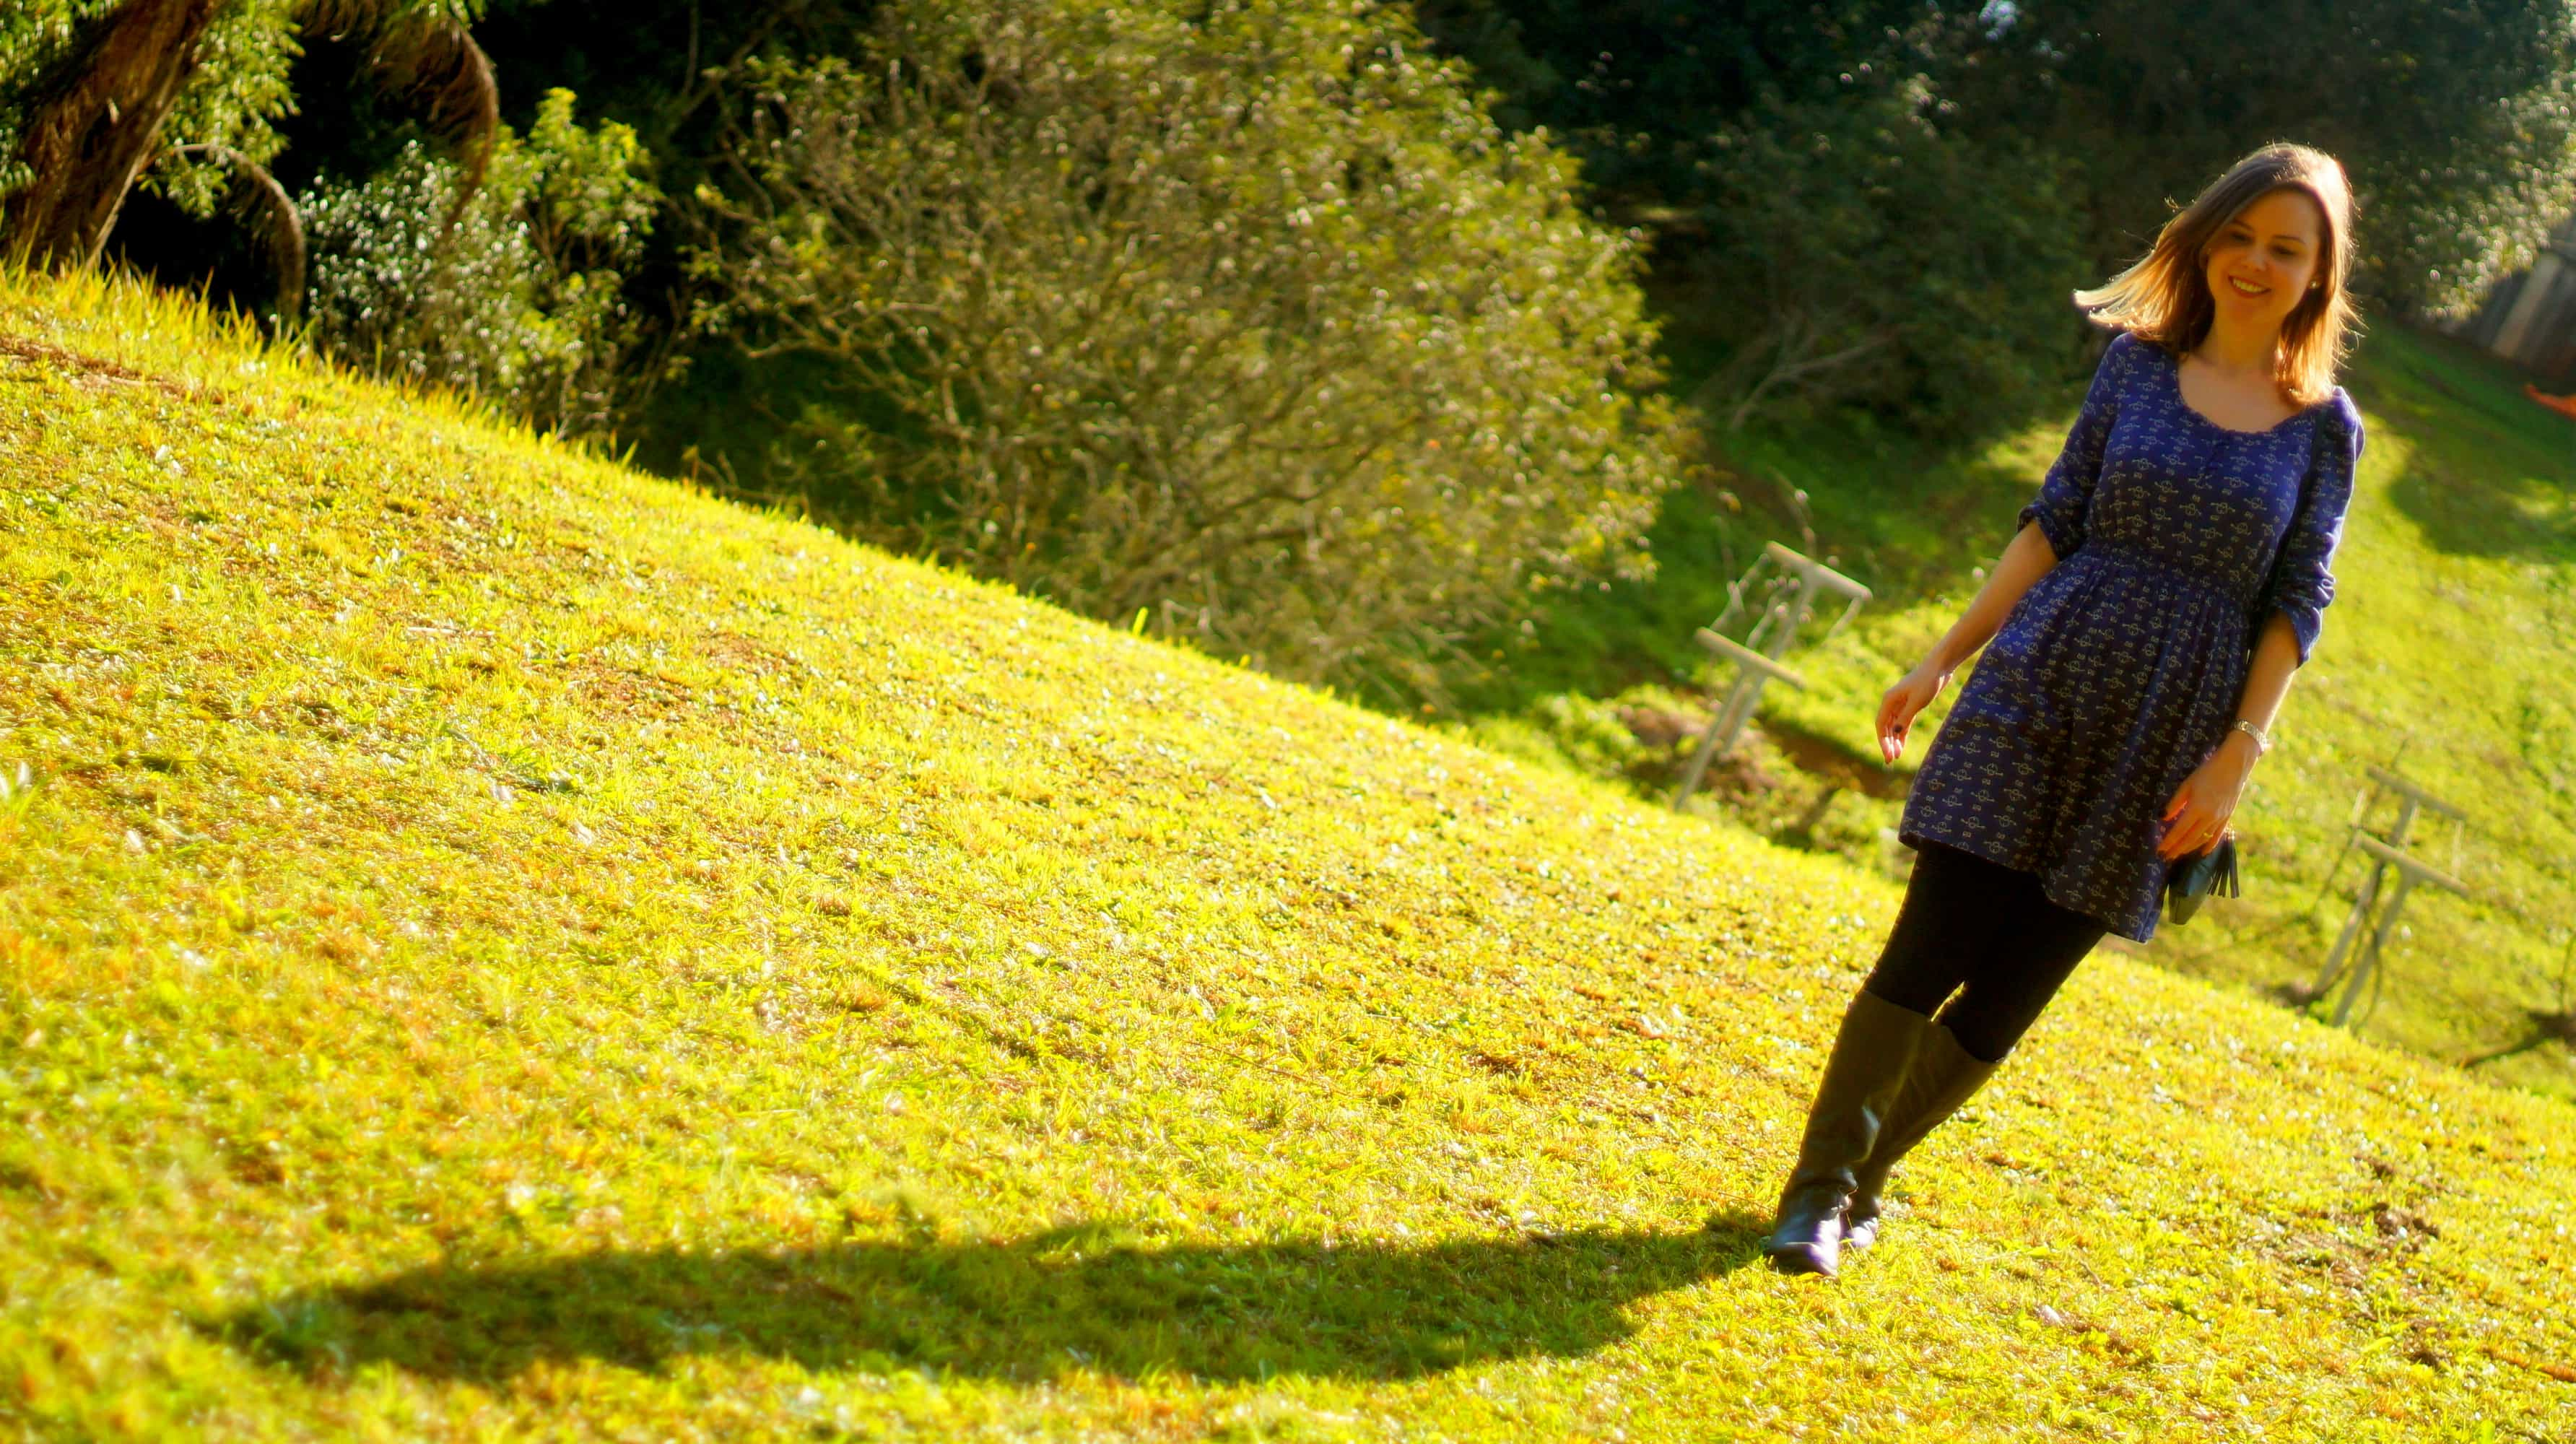 sobreposição vestido e calça legging foto com sombra na grama